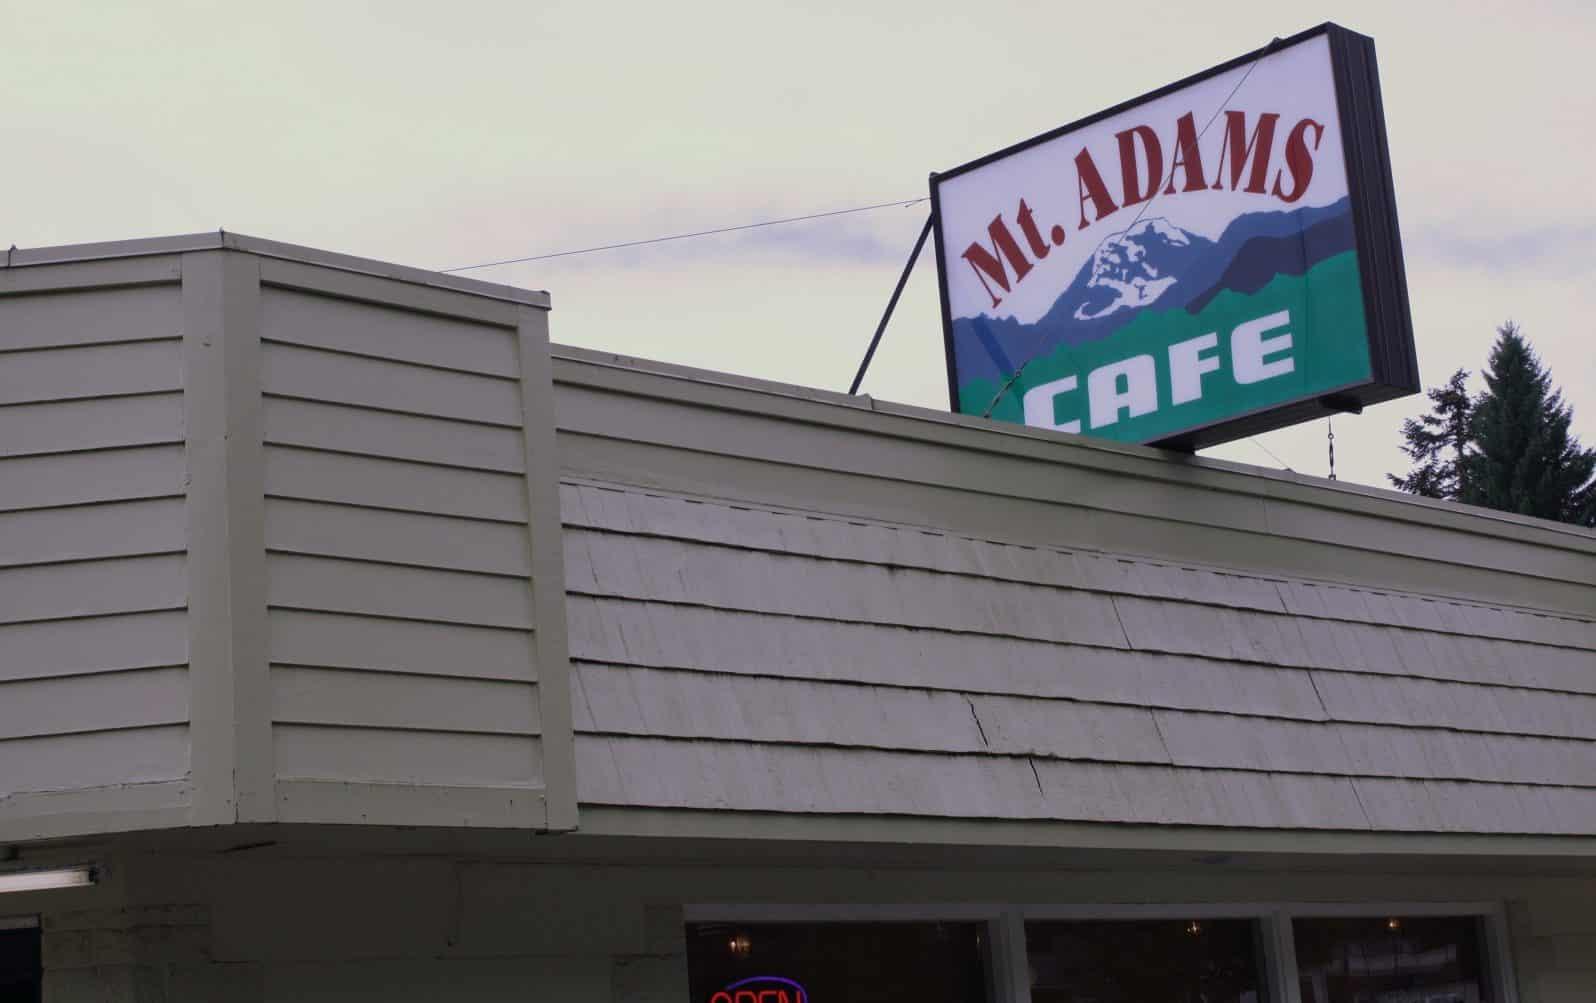 Mt. Adams Cafe